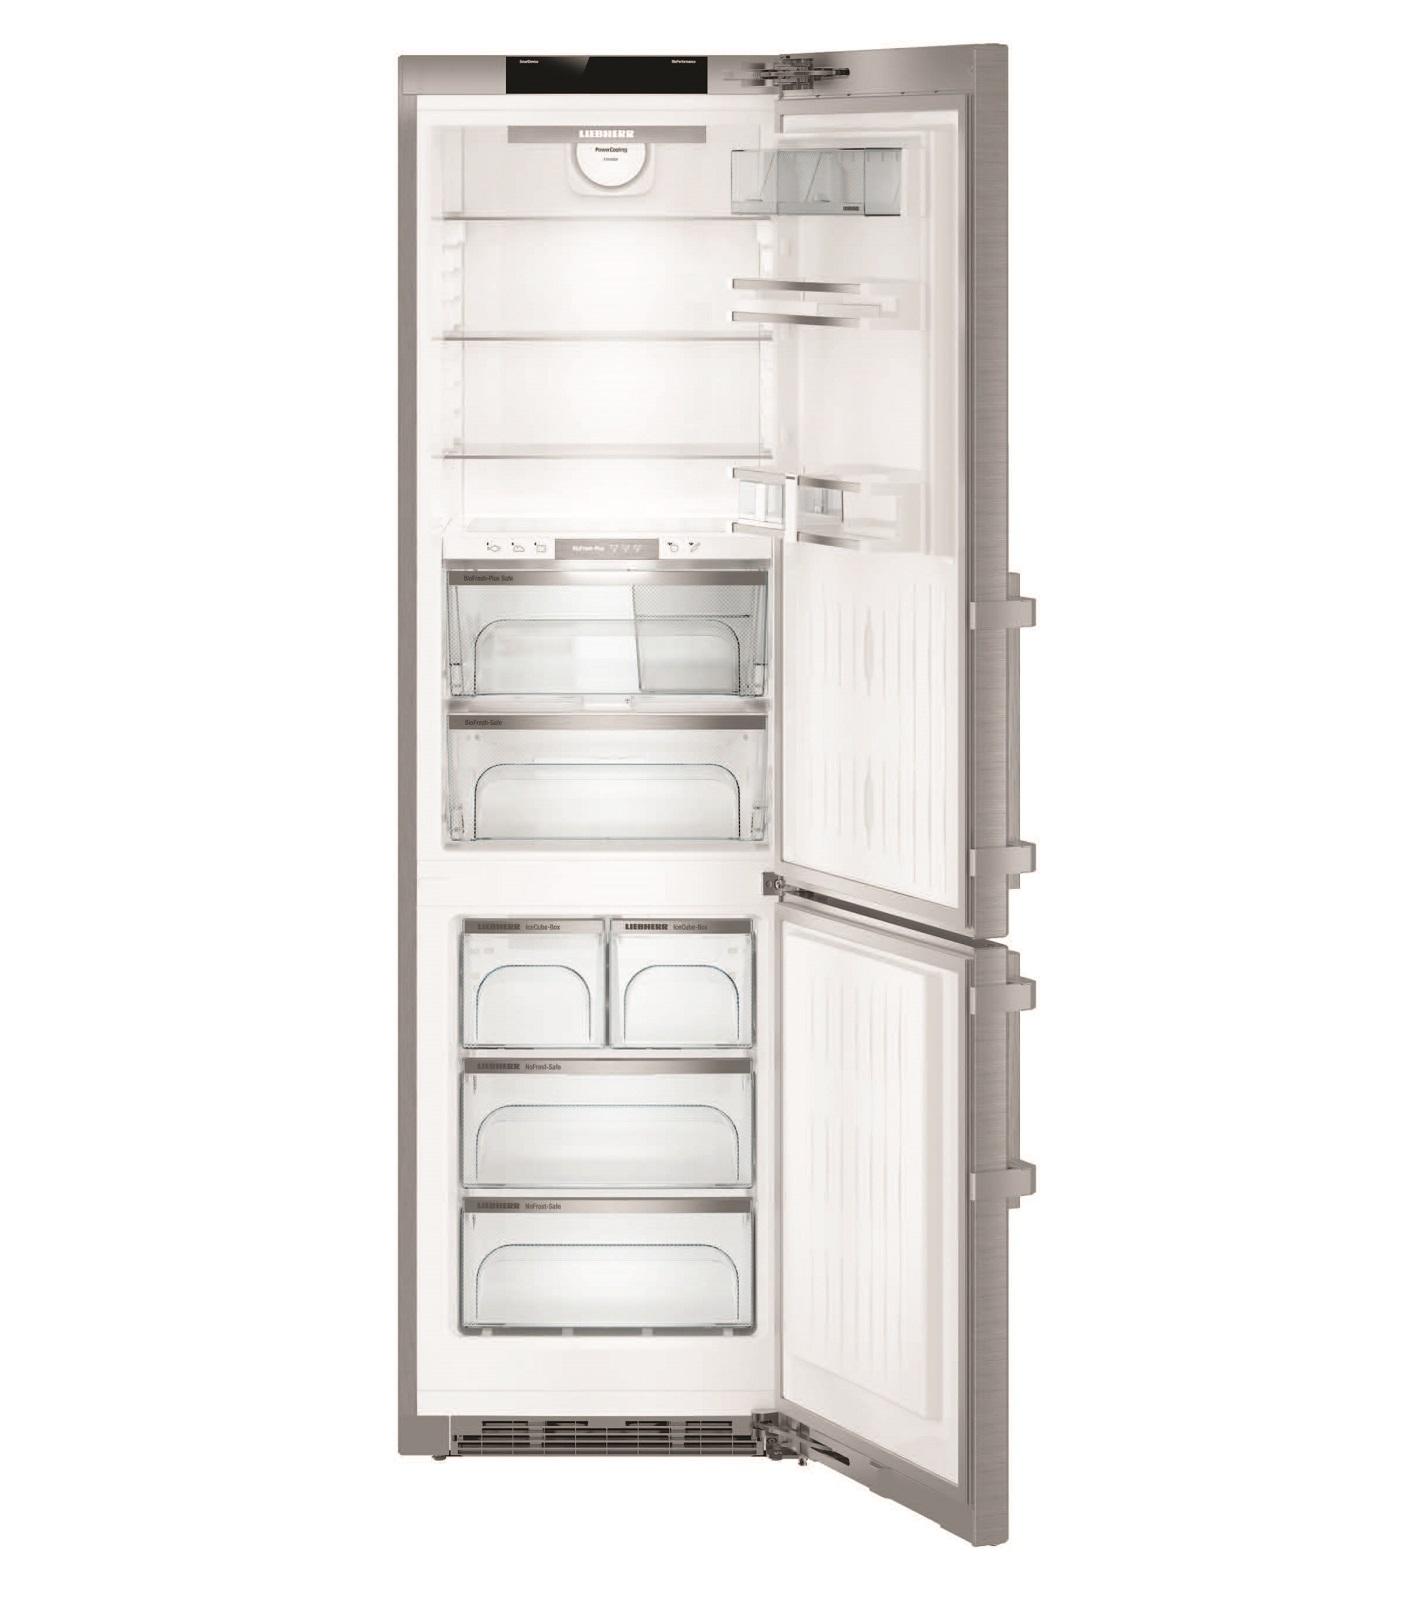 купить Двухкамерный холодильник Liebherr CBNes 4898 Украина фото 5